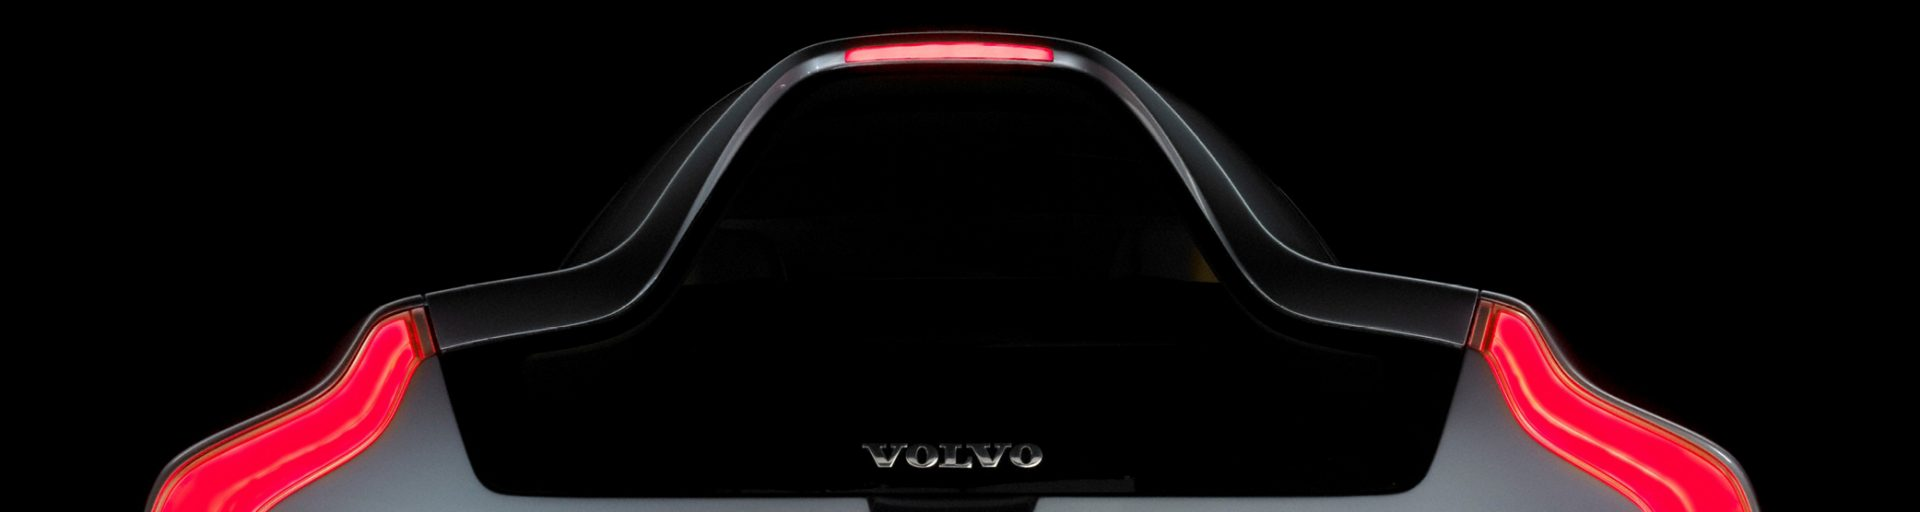 Volvo_Concept_Car_3CC_Blog_neu